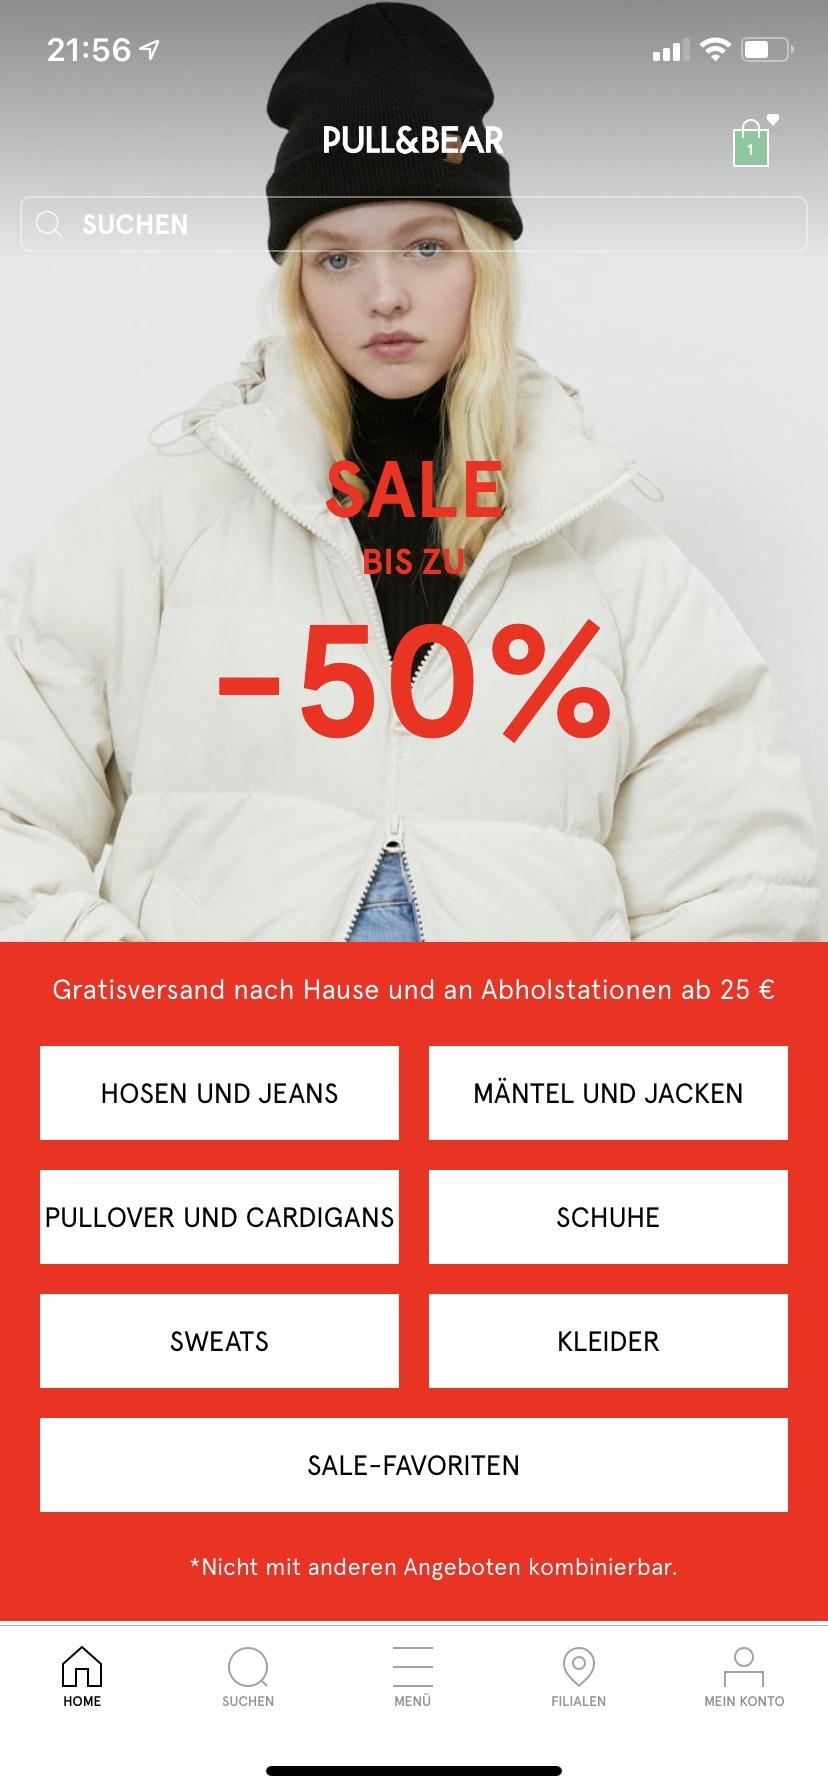 Pull and Bear Sale, bis zu 50%, VSKfrei ab 25€